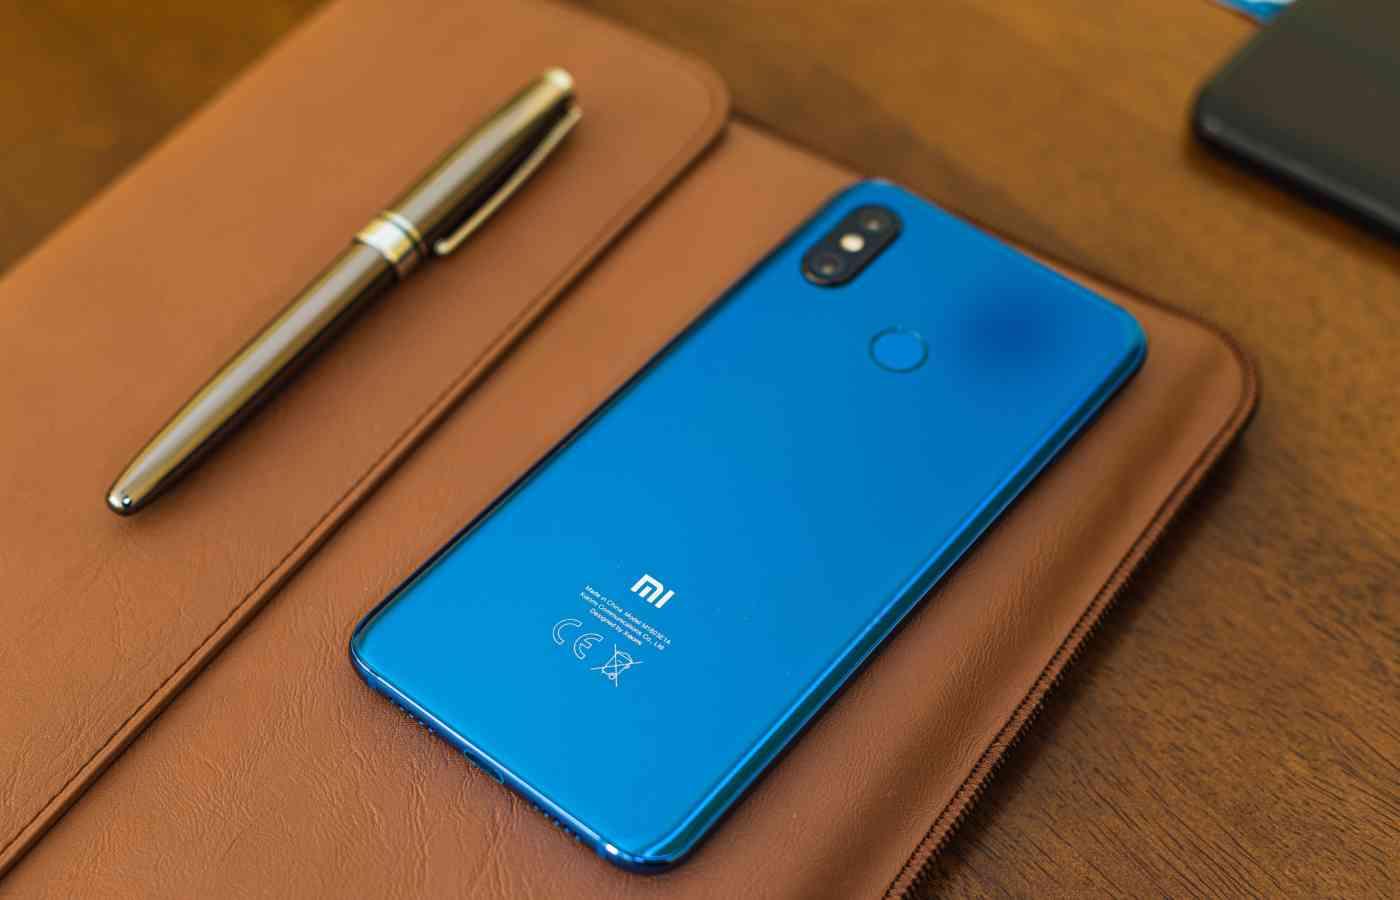 🛰 Xiaomi zapustyla kameru smartfona Mi 10 Pro v kosmos i zrobyla foto Zemli